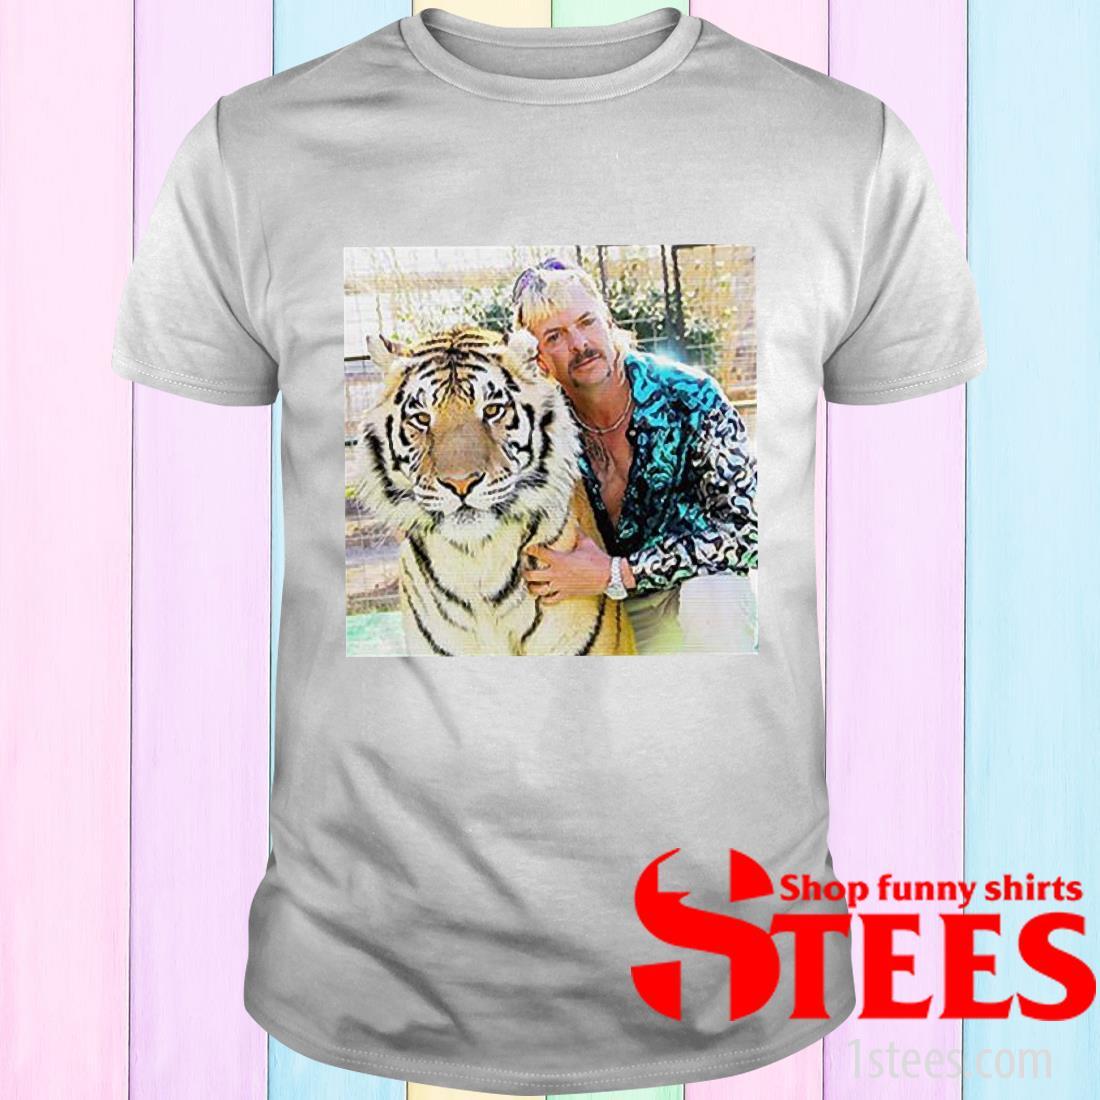 Joe Exotic Tiger King Funny T-Shirt